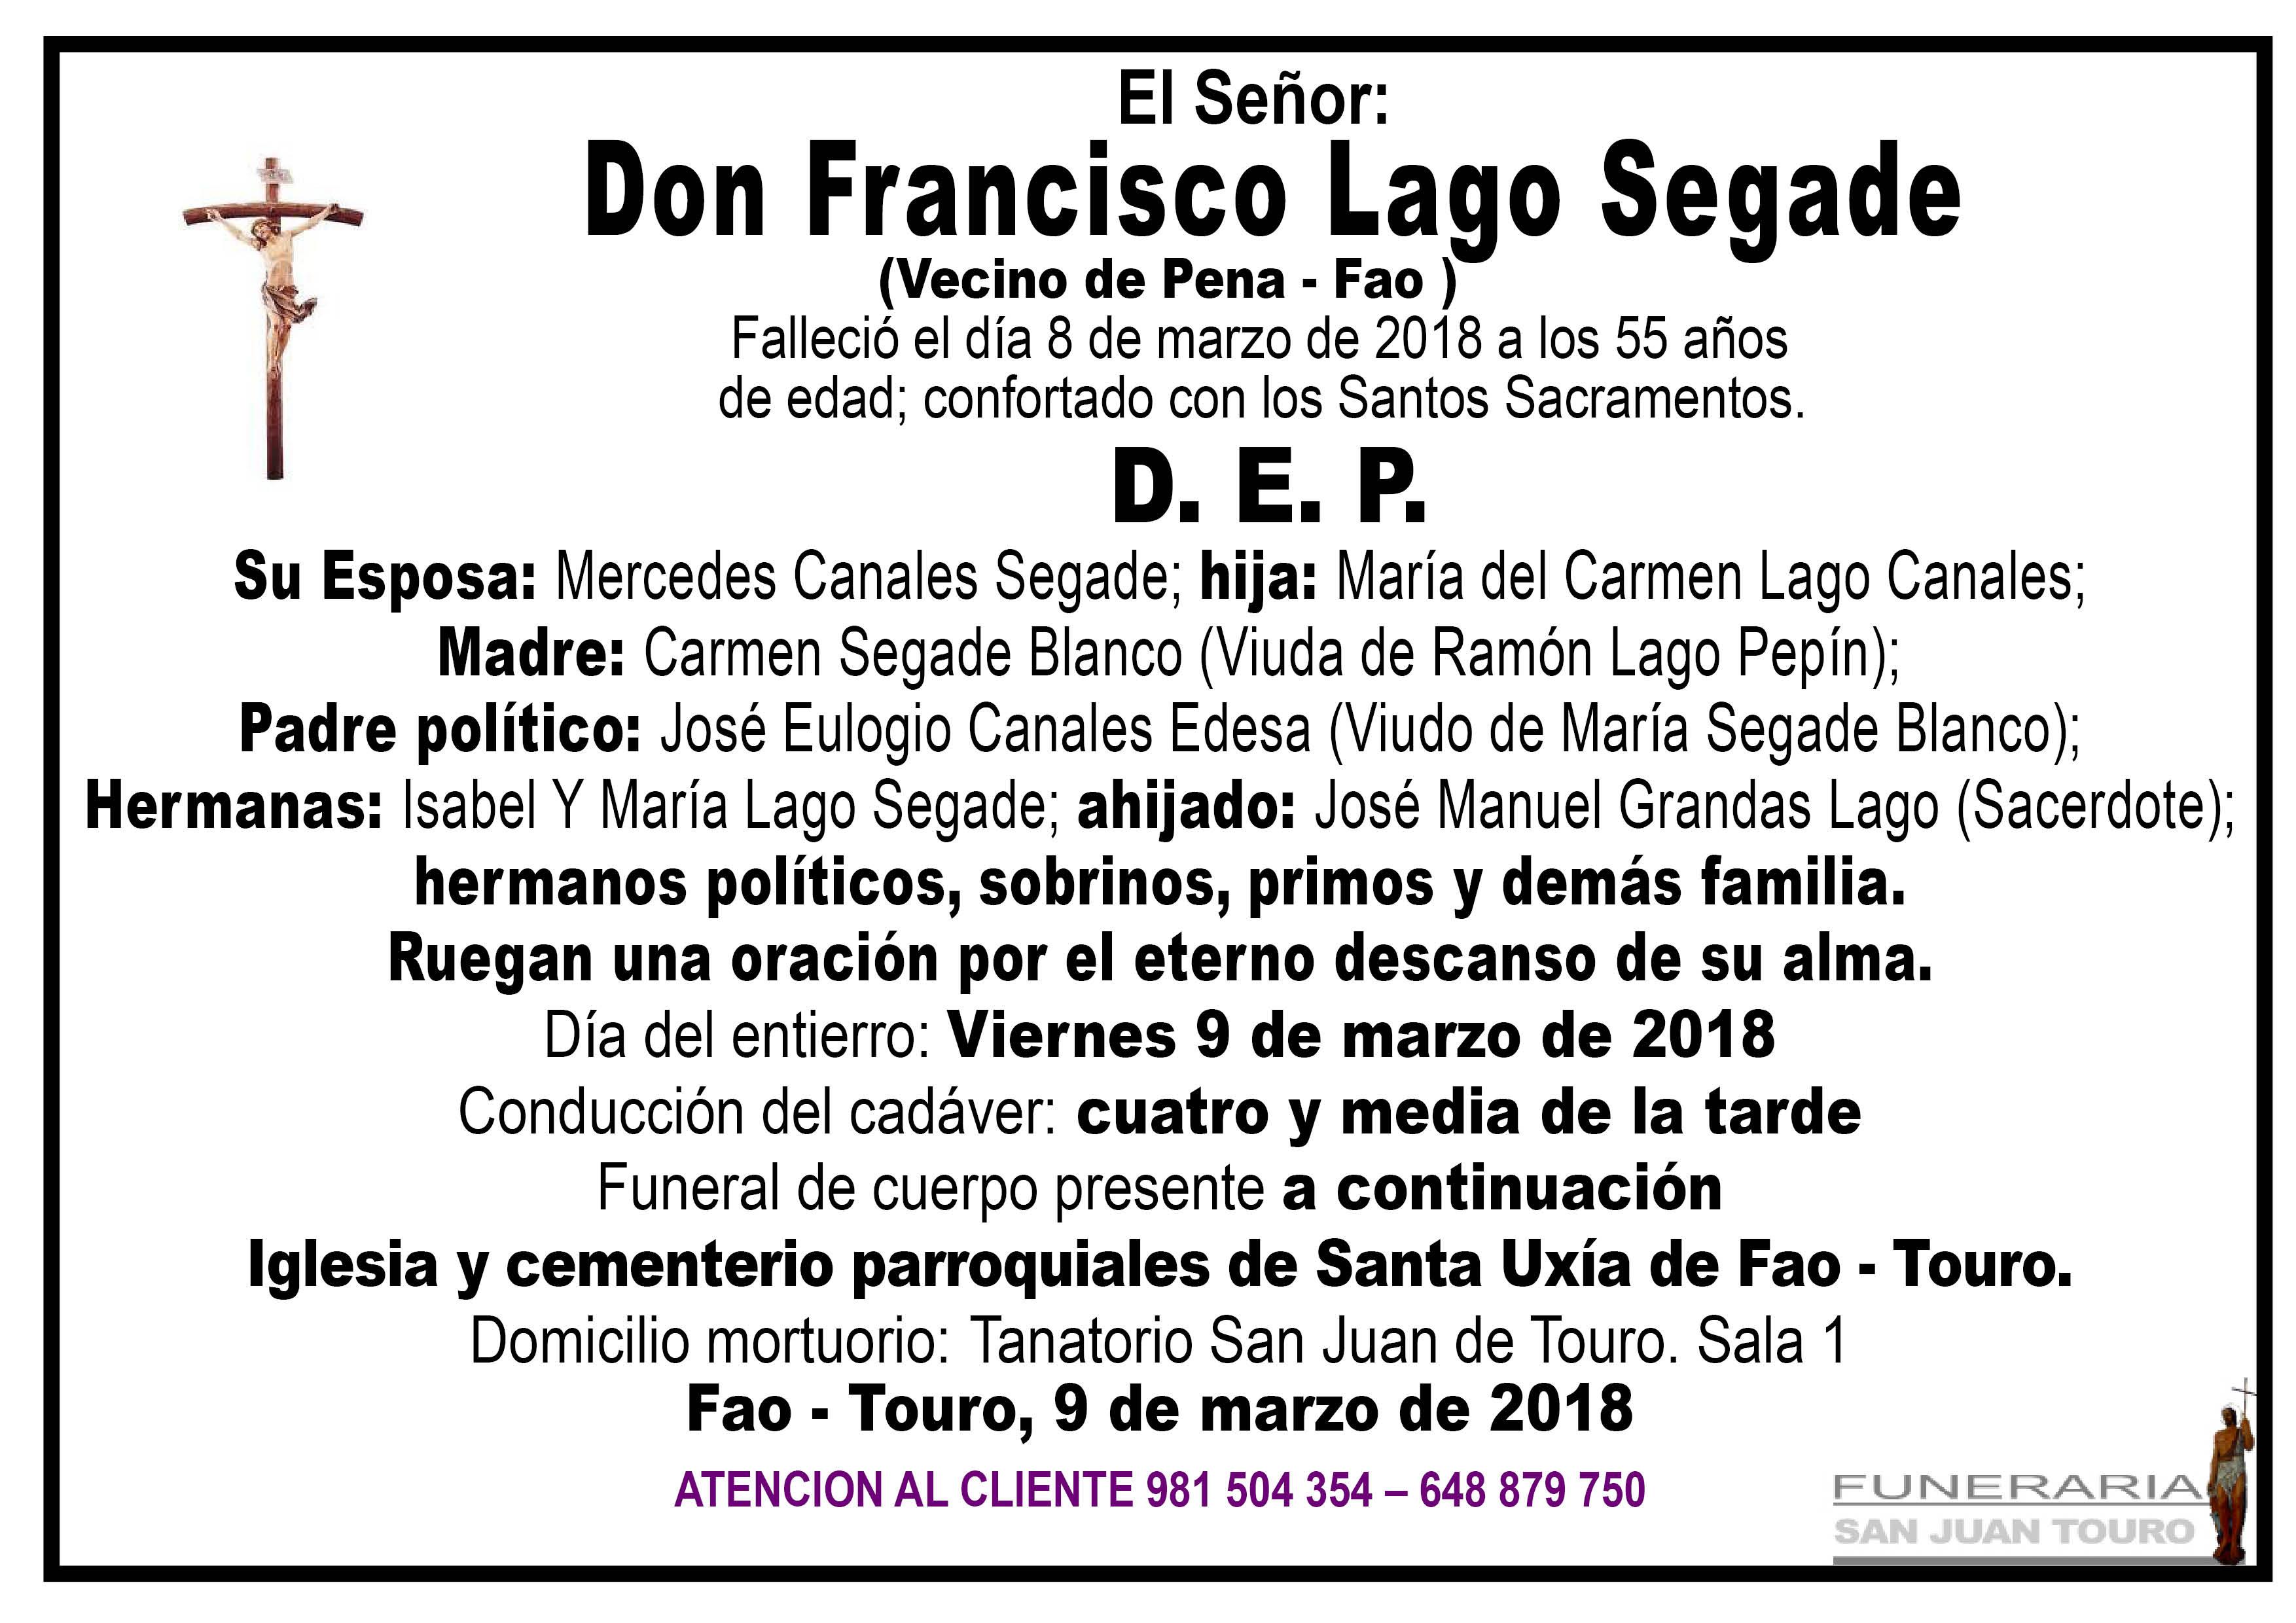 Esquela de SEPELIO DE DON FRANCISCO LAGO SEGADE